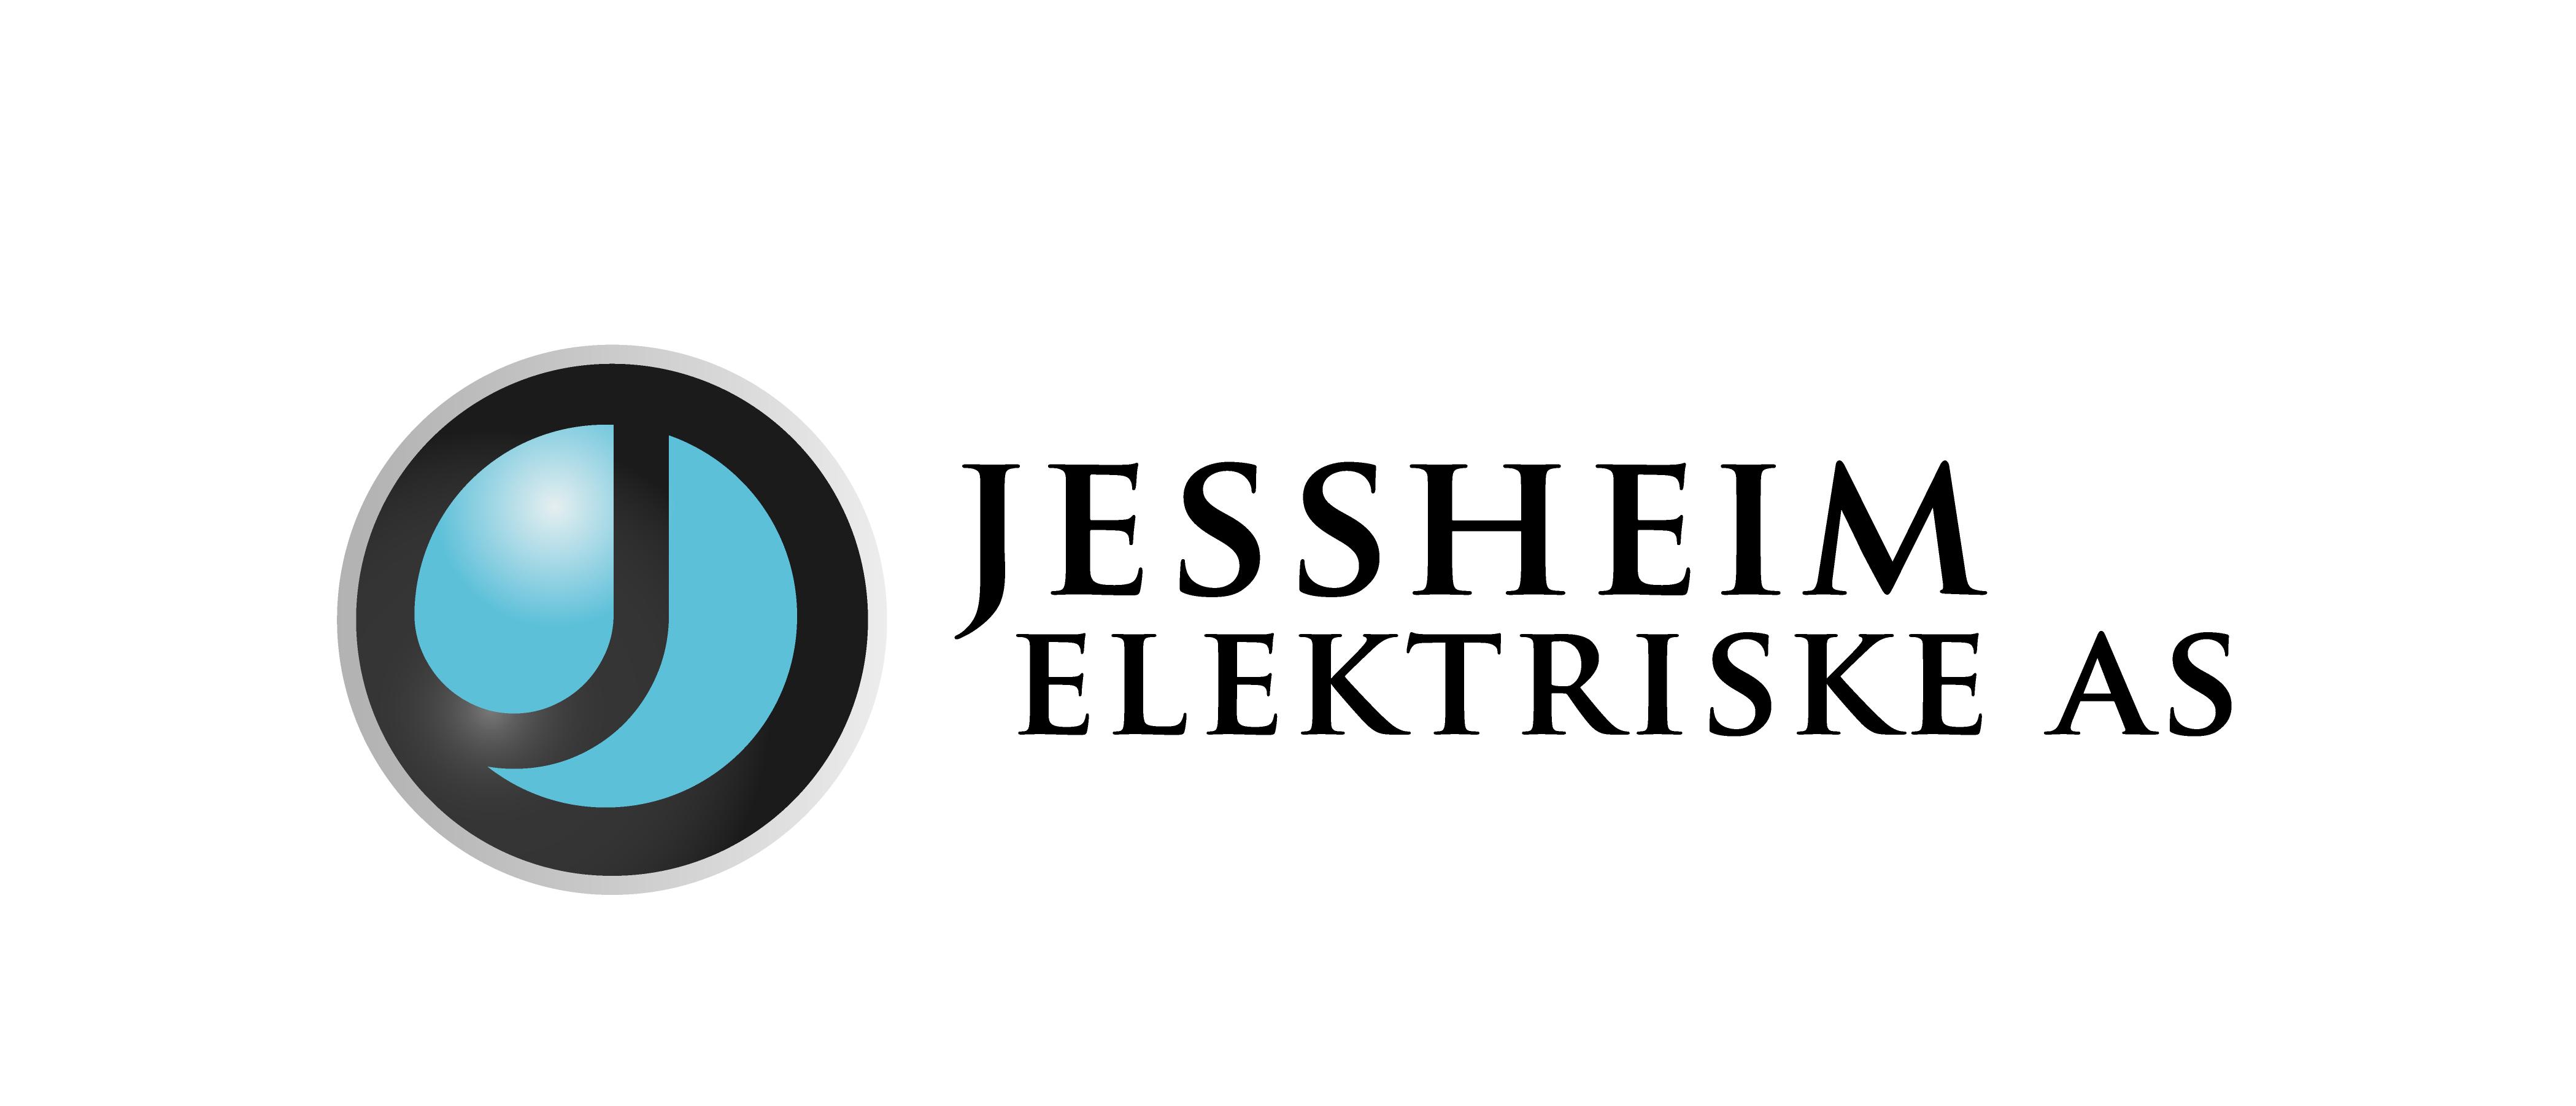 Jessheim elektriske